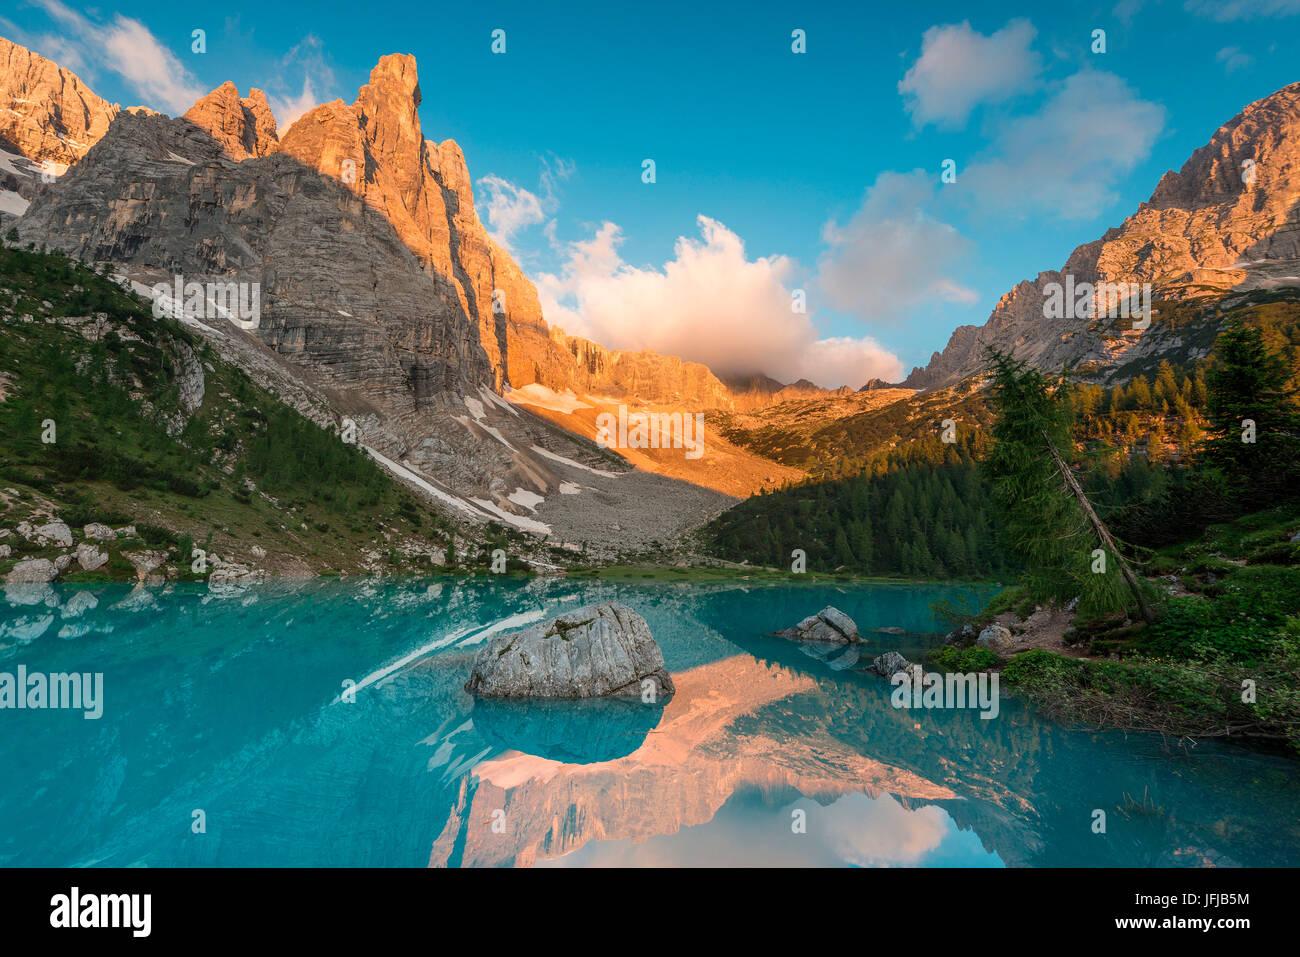 Il Sorapiss Lago, Dolomiti, Veneto, Italia, Sunrise nel gruppo Sorapiss, il Sorapiss lago riflette il dito di Dio Immagini Stock